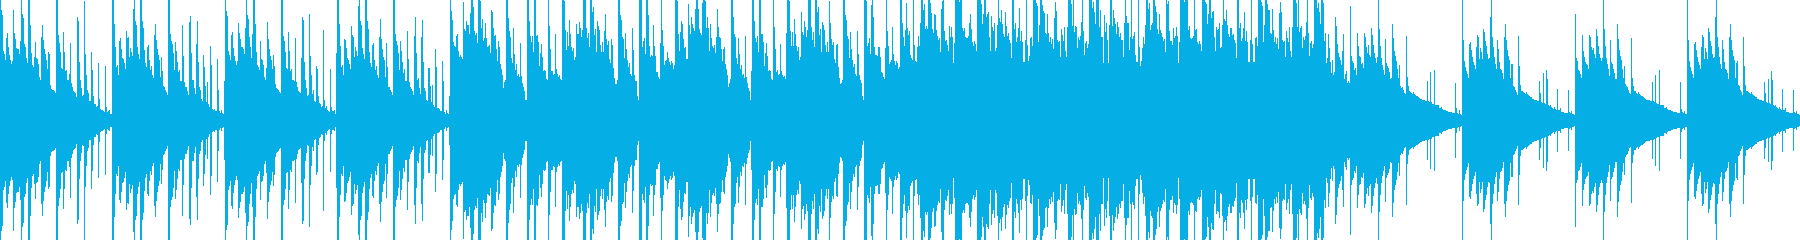 妖しい雰囲気の民族音楽風BGMの再生済みの波形